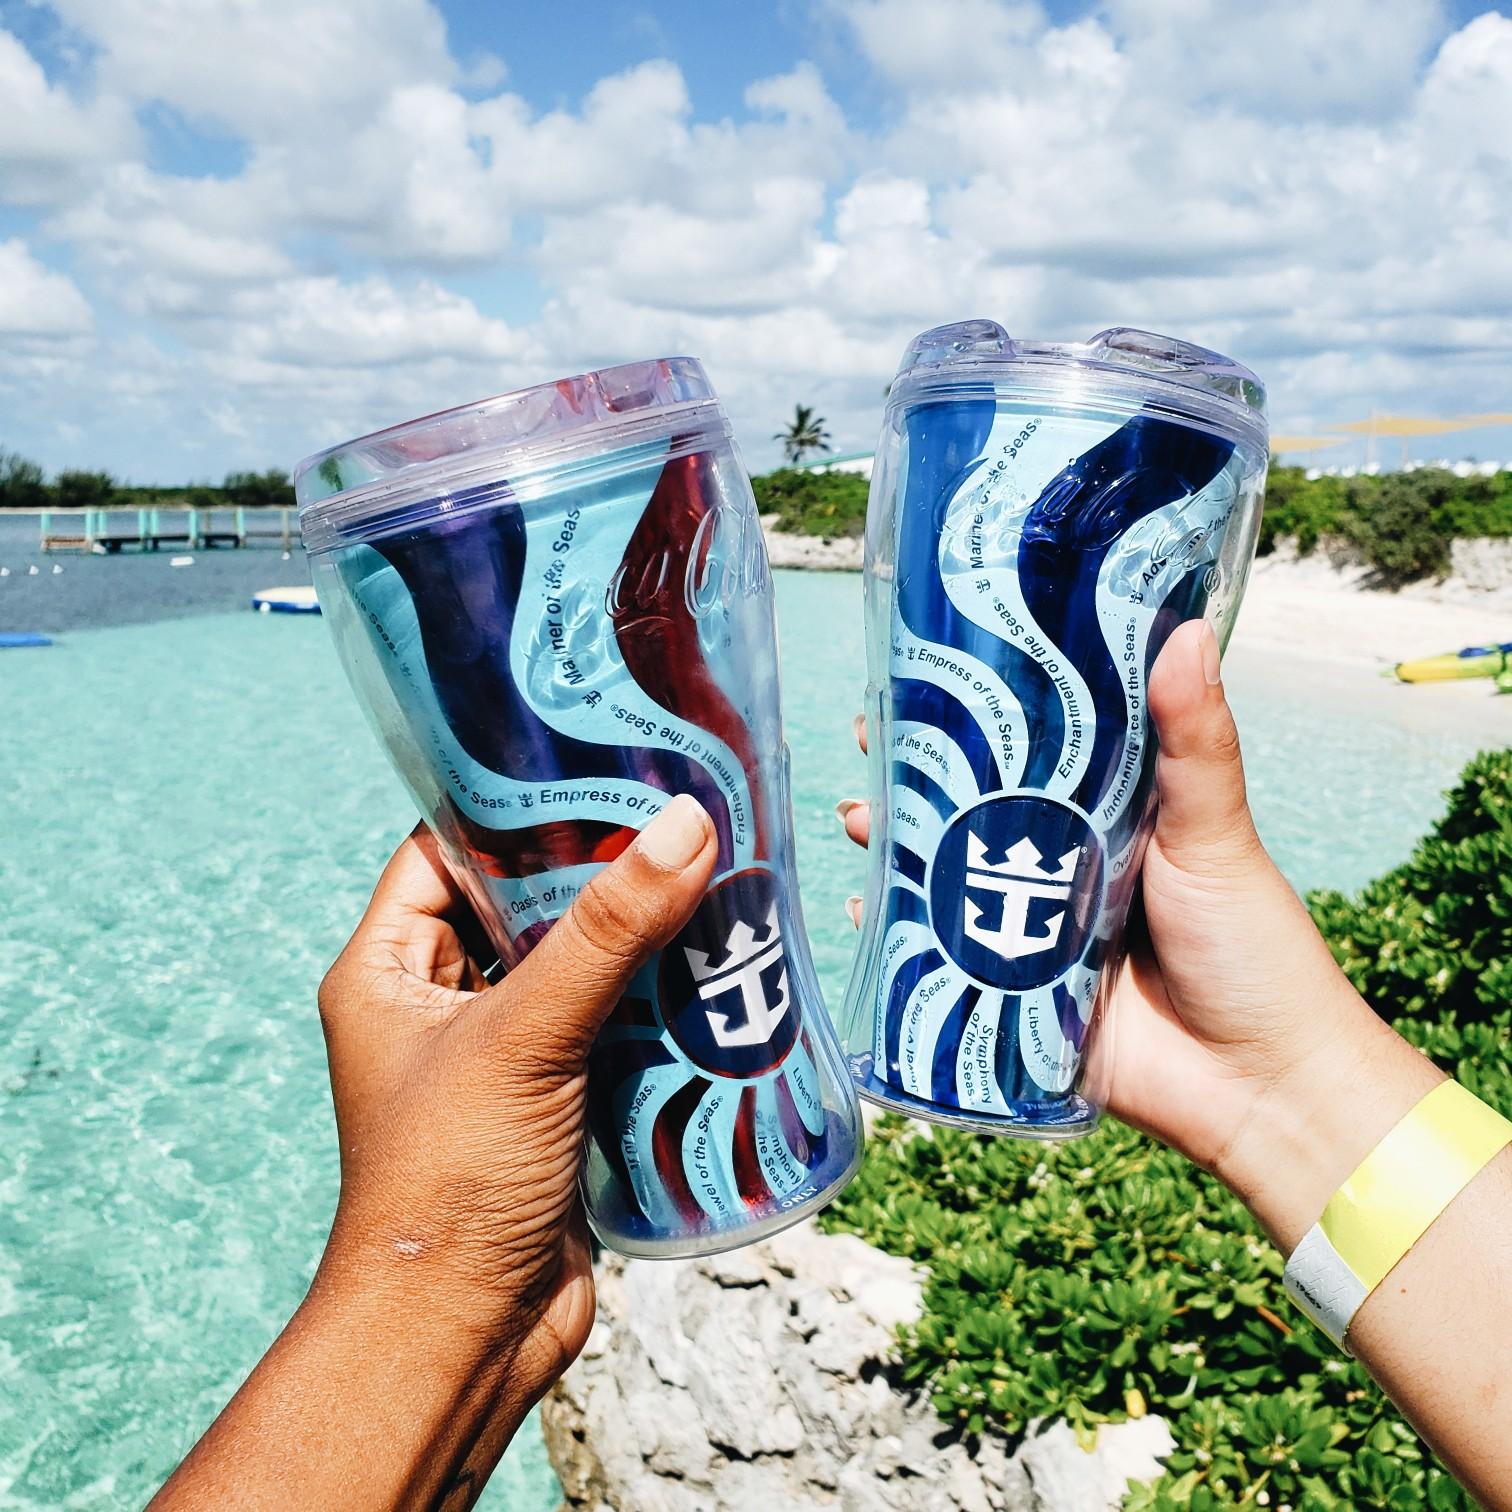 Royal Caribbean Souvenir Cups Near Beach